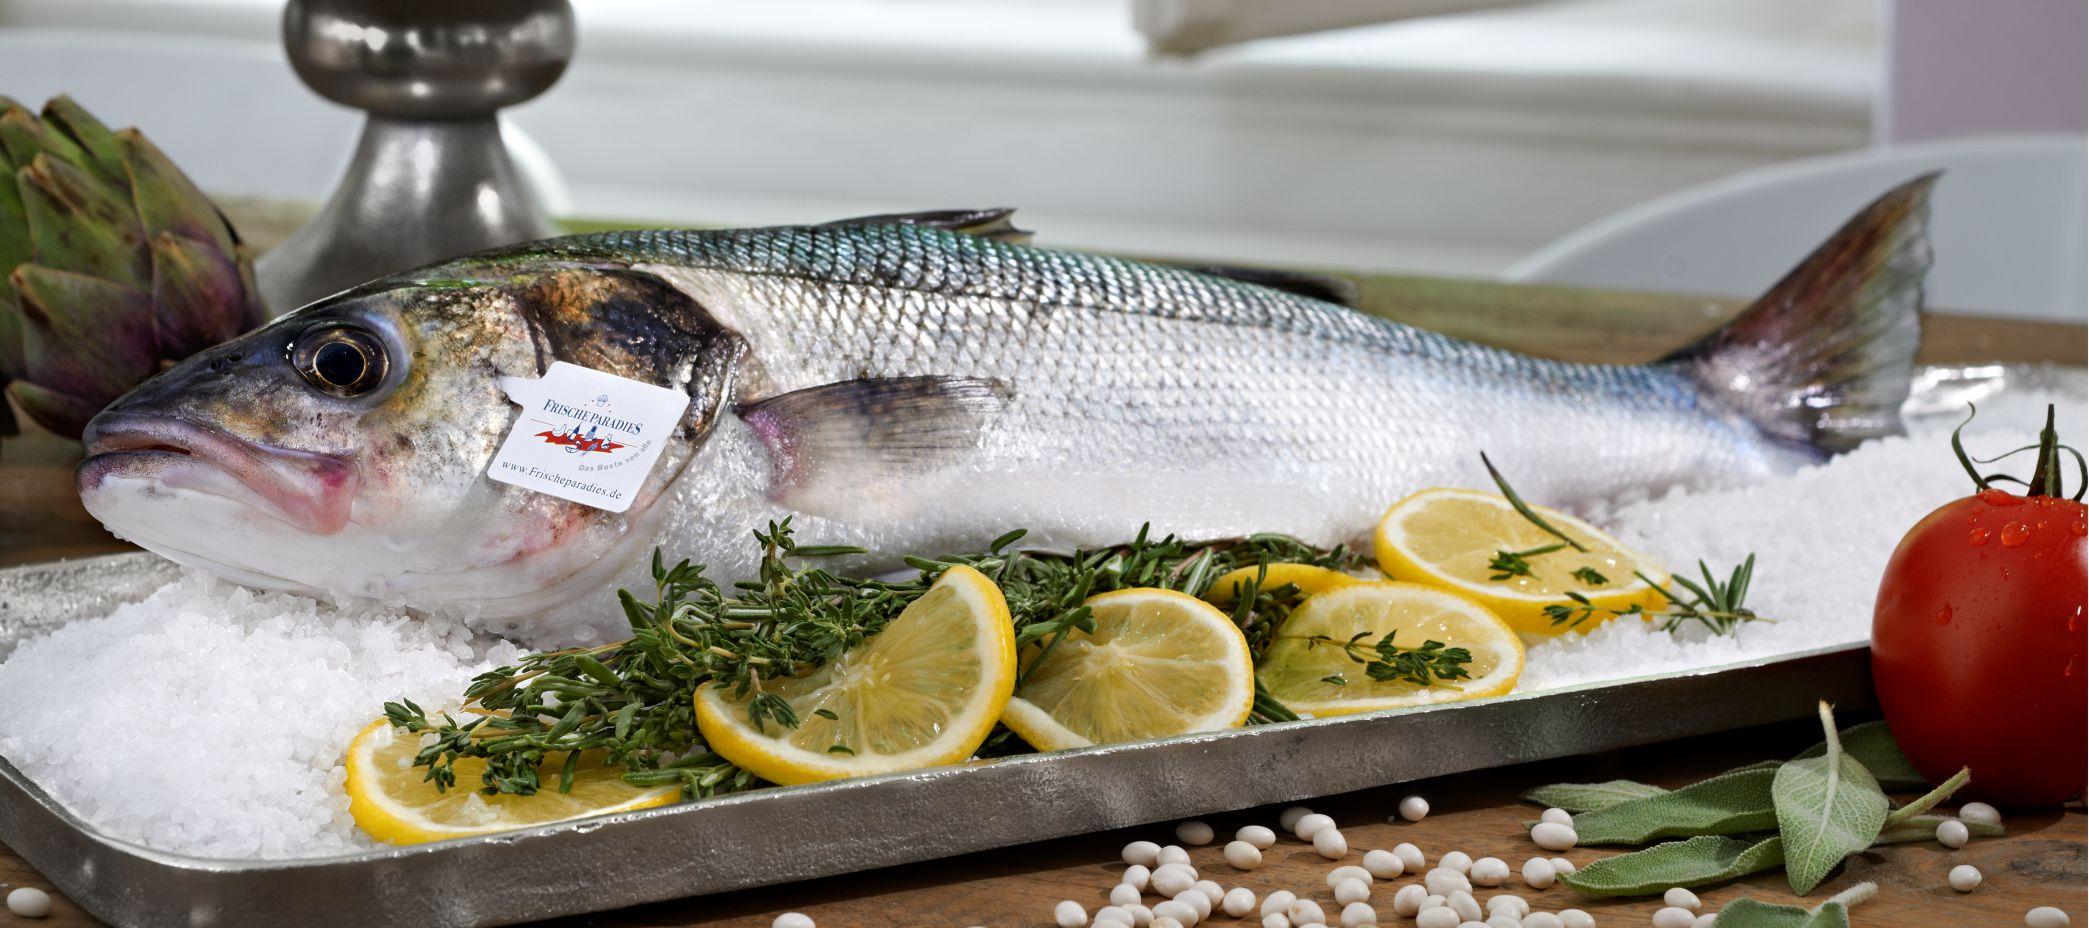 Ganzer-Fisch-Salzwasser